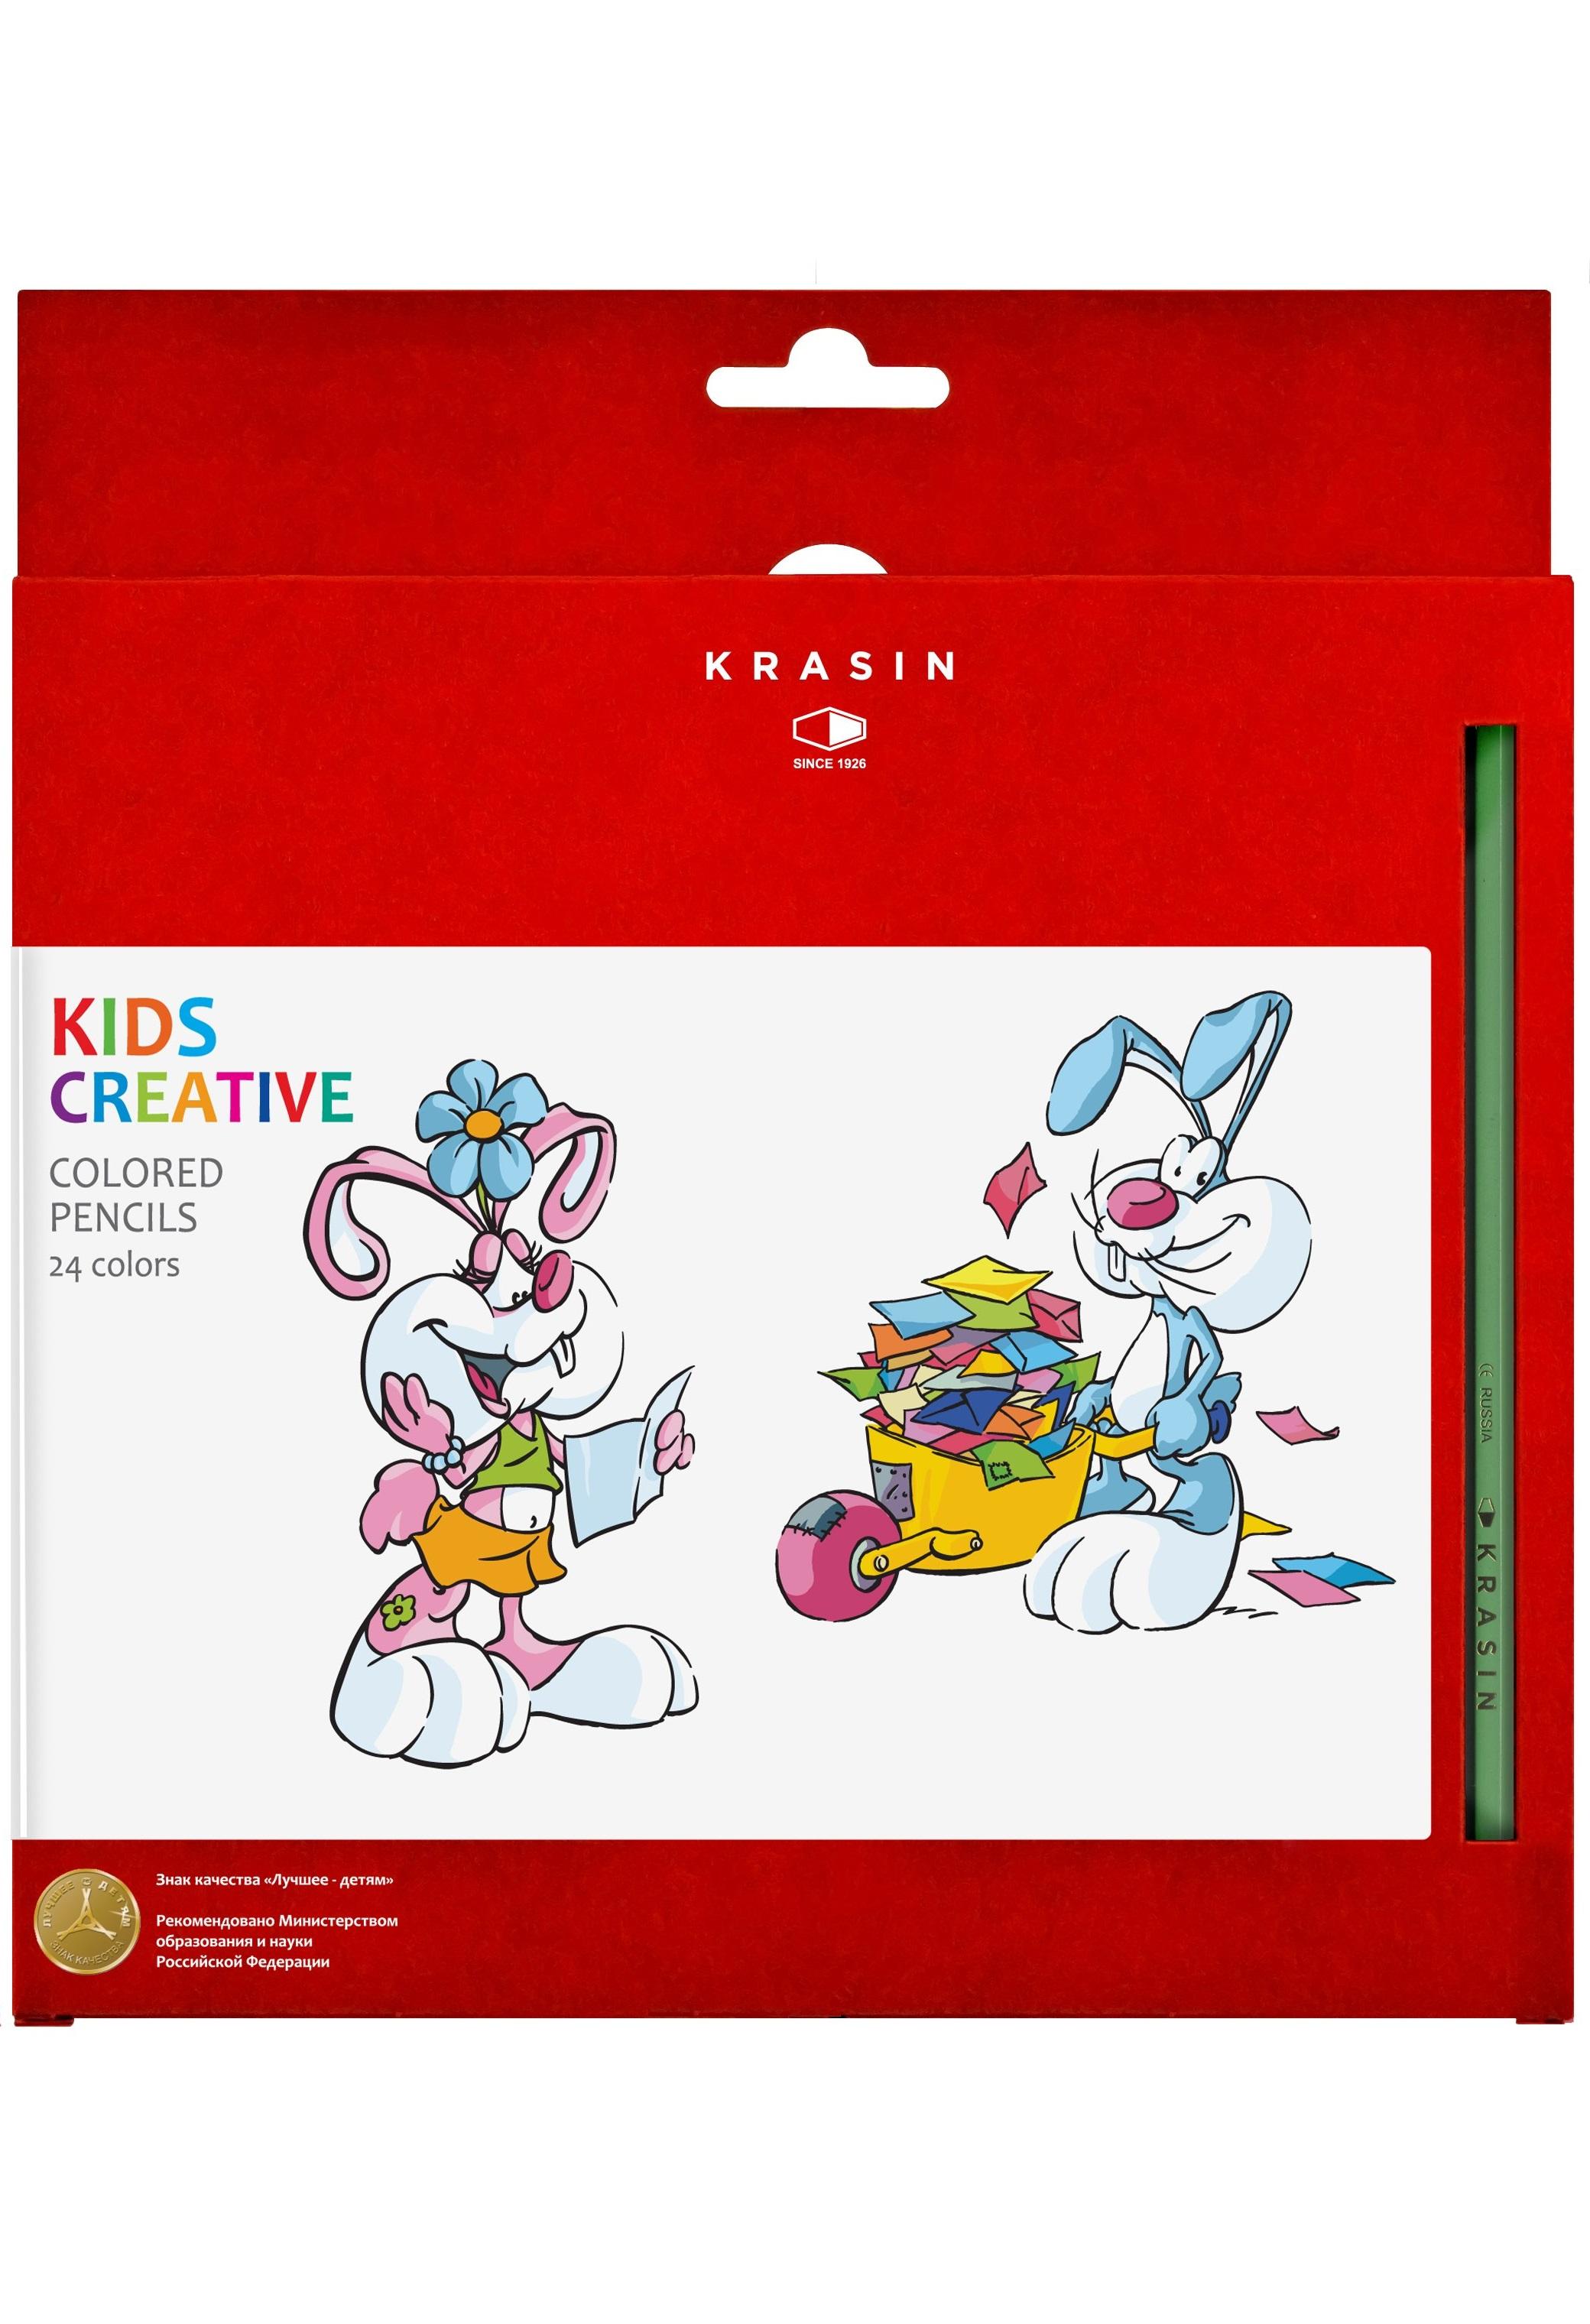 Русские карандаши KRASIN. Цветные и простые. Есть карандаши для самых маленьких - Трехгранные